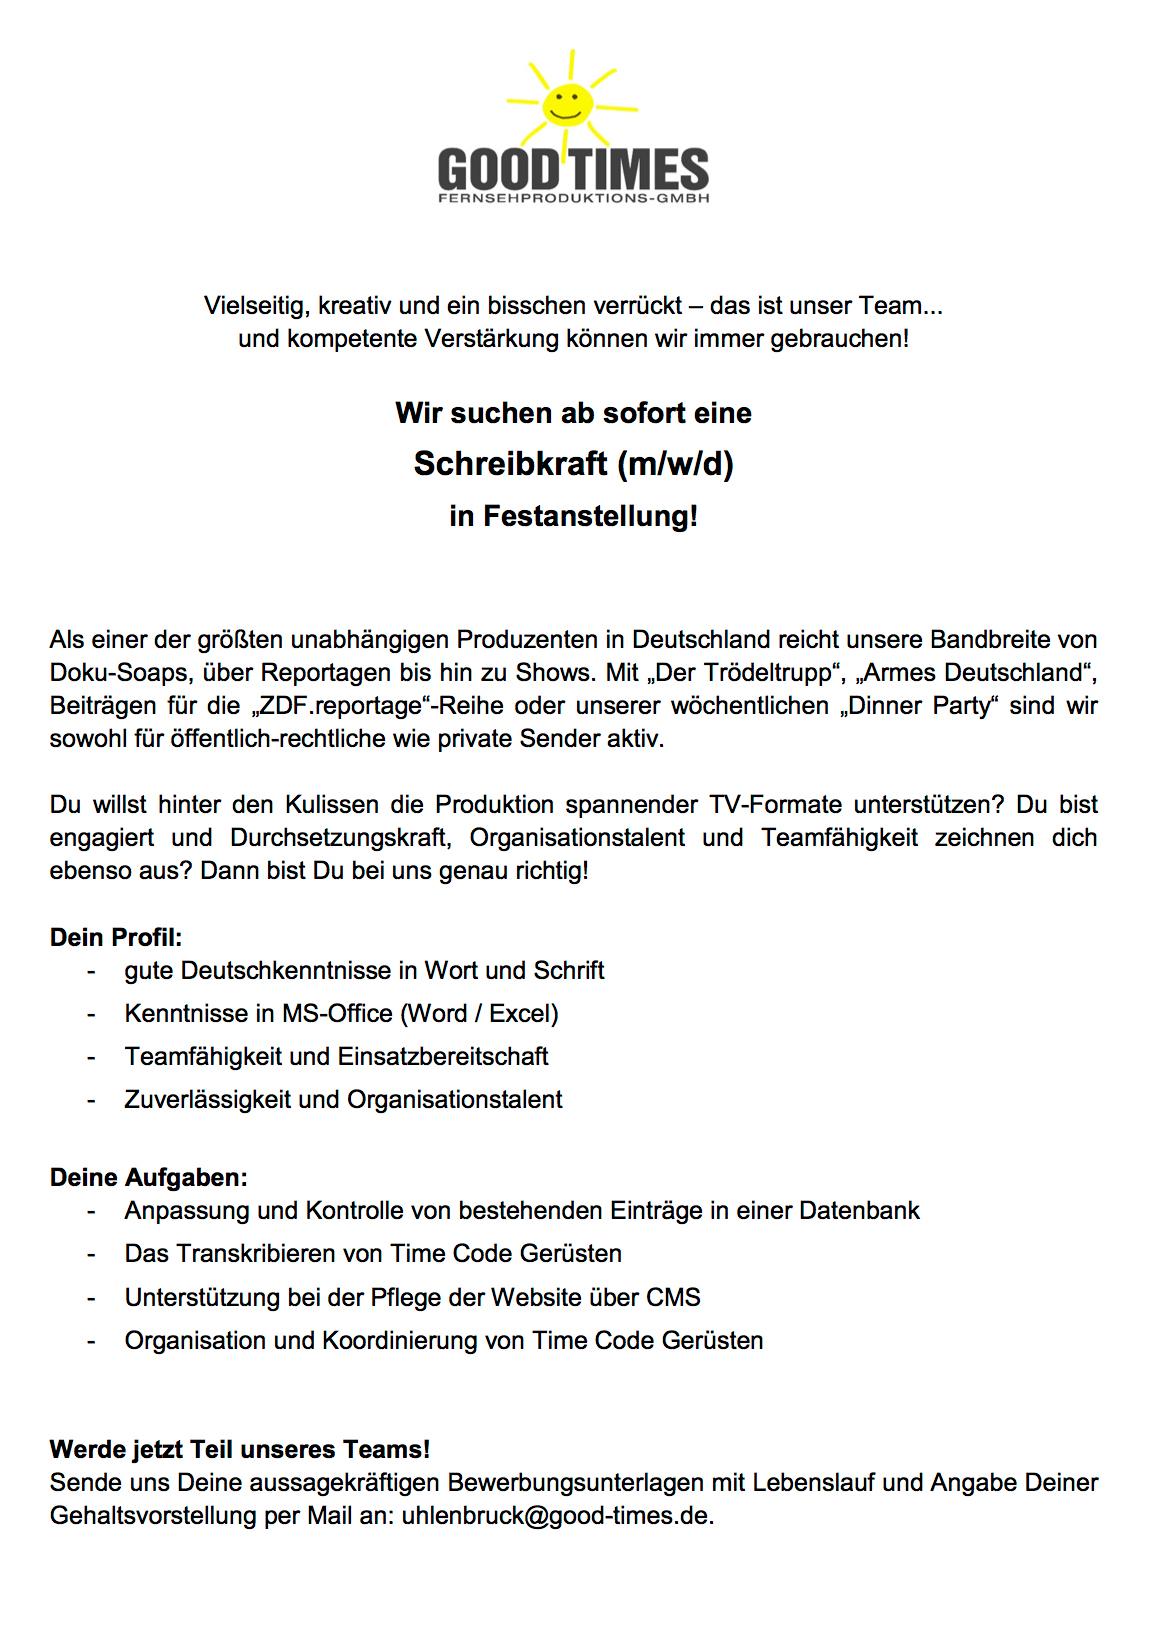 Good Times Fernsehproduktions Gmbh Köln Sucht Schreibkraft Mwd